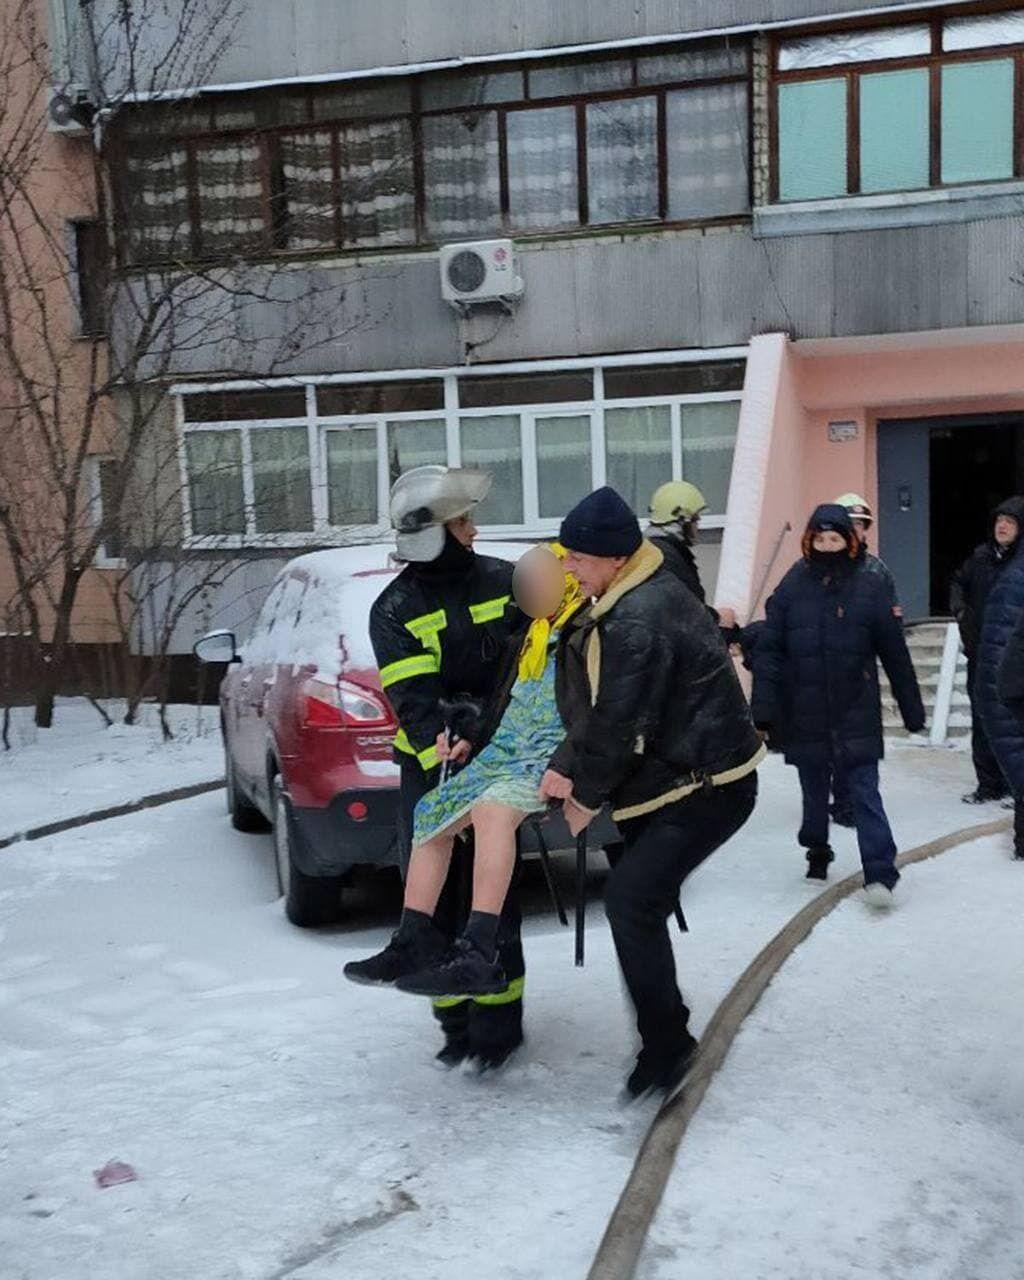 Рятувальники евакуювали мешканців будинку, де сталася пожежа